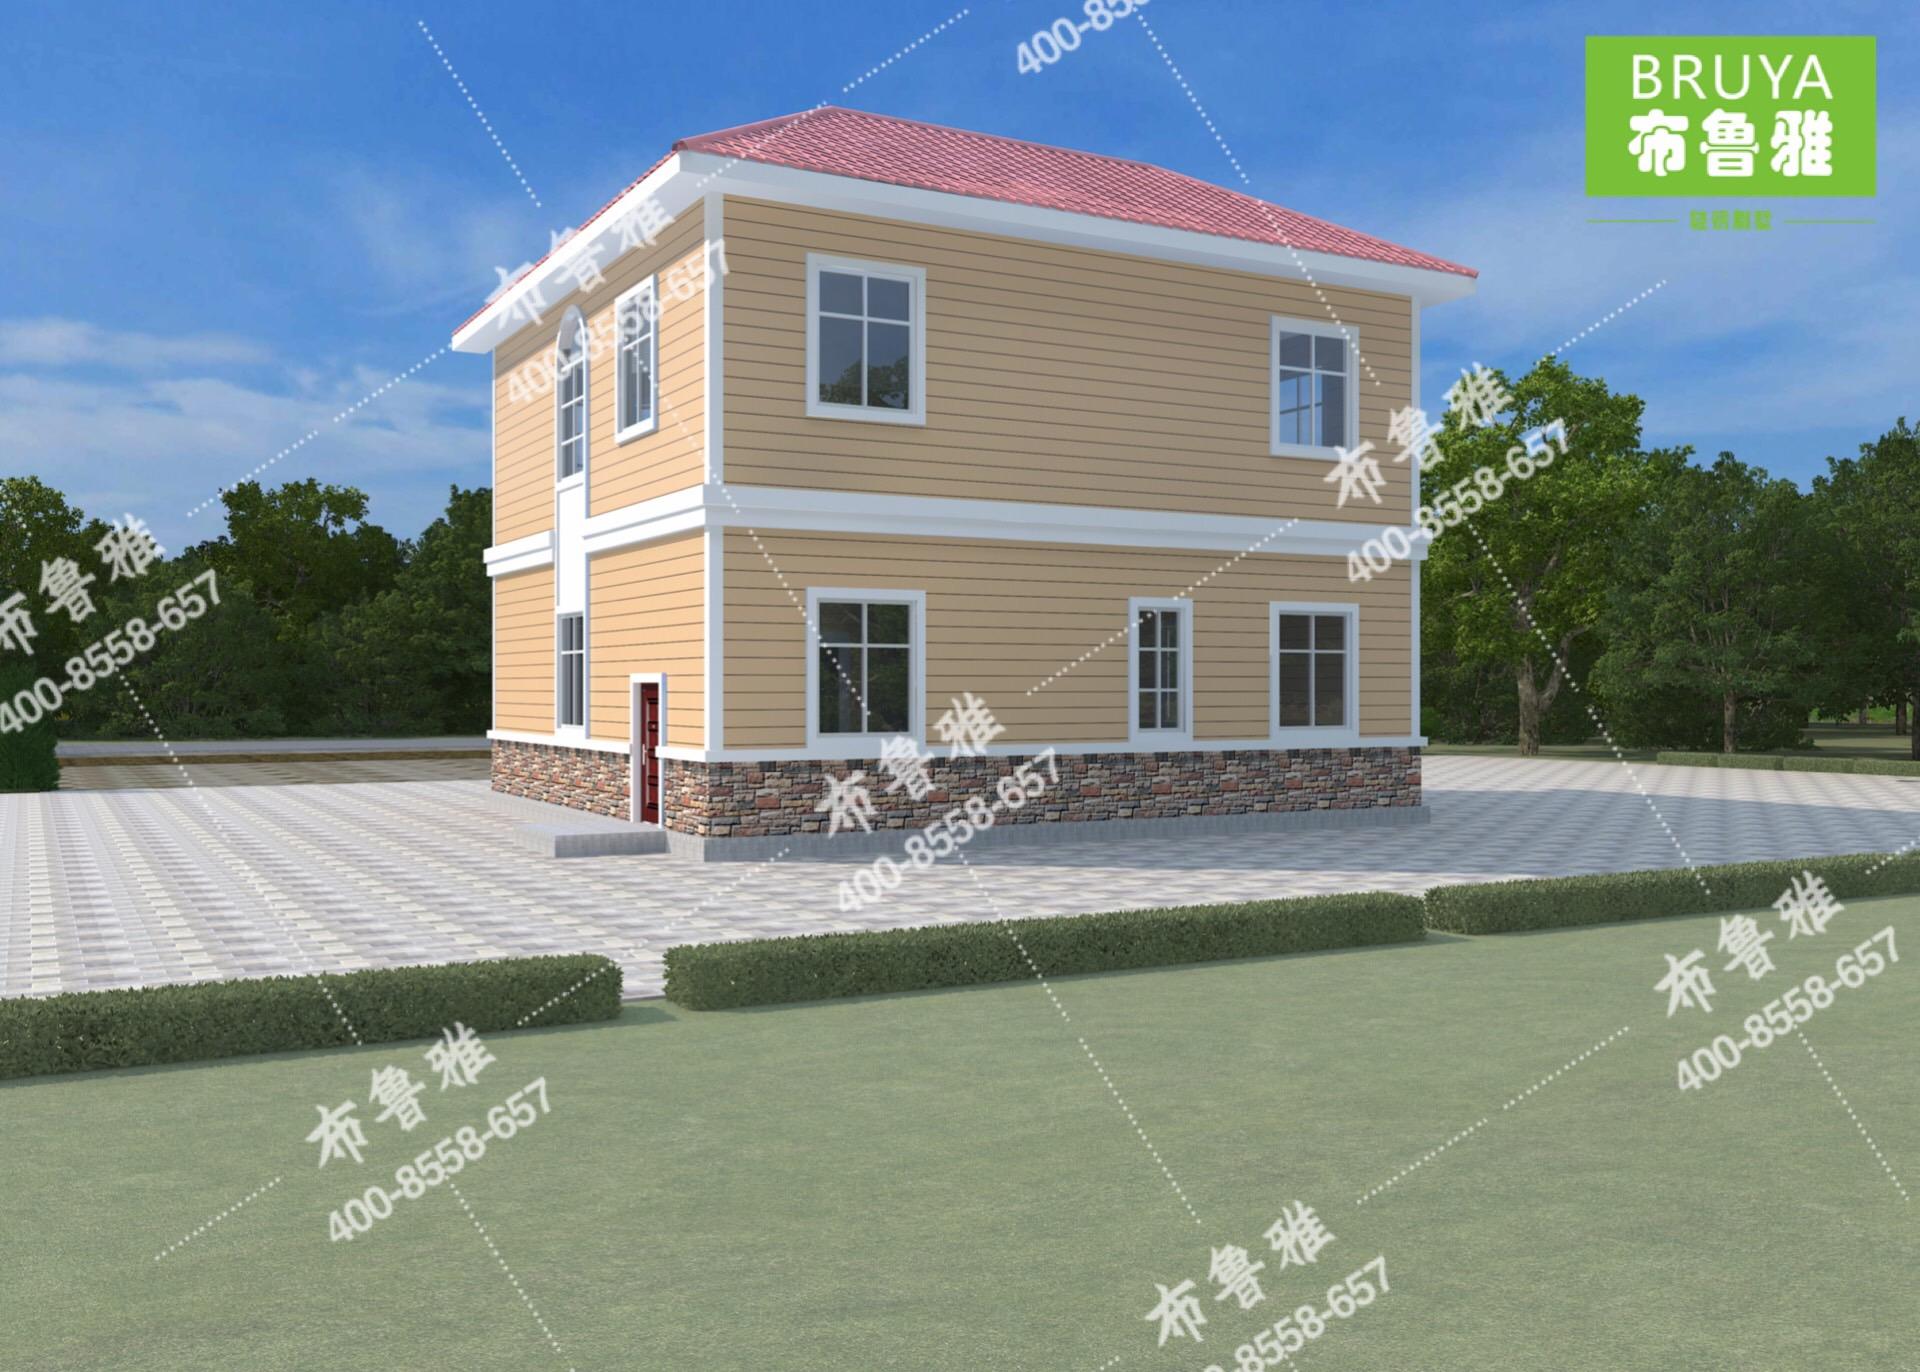 广西布鲁雅轻钢别墅公司